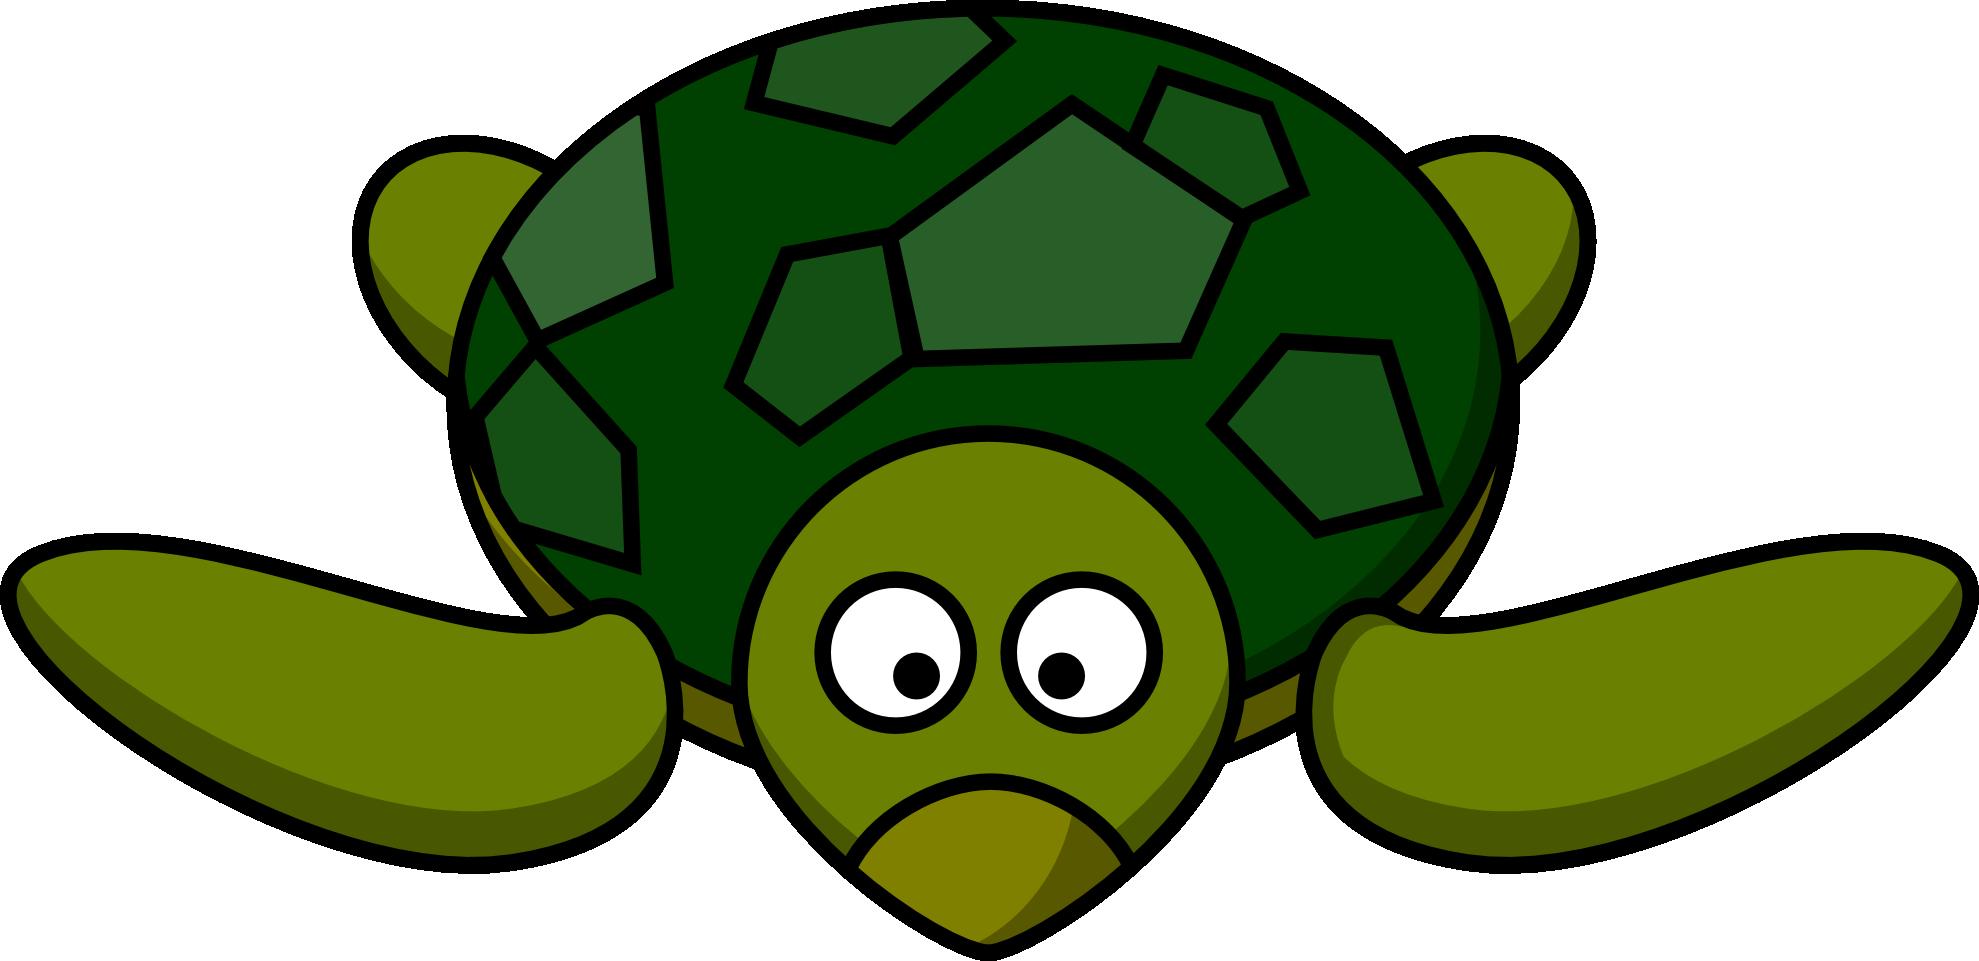 Holydays clipart turtle Cartoon Turtle 150(K)  Turtle